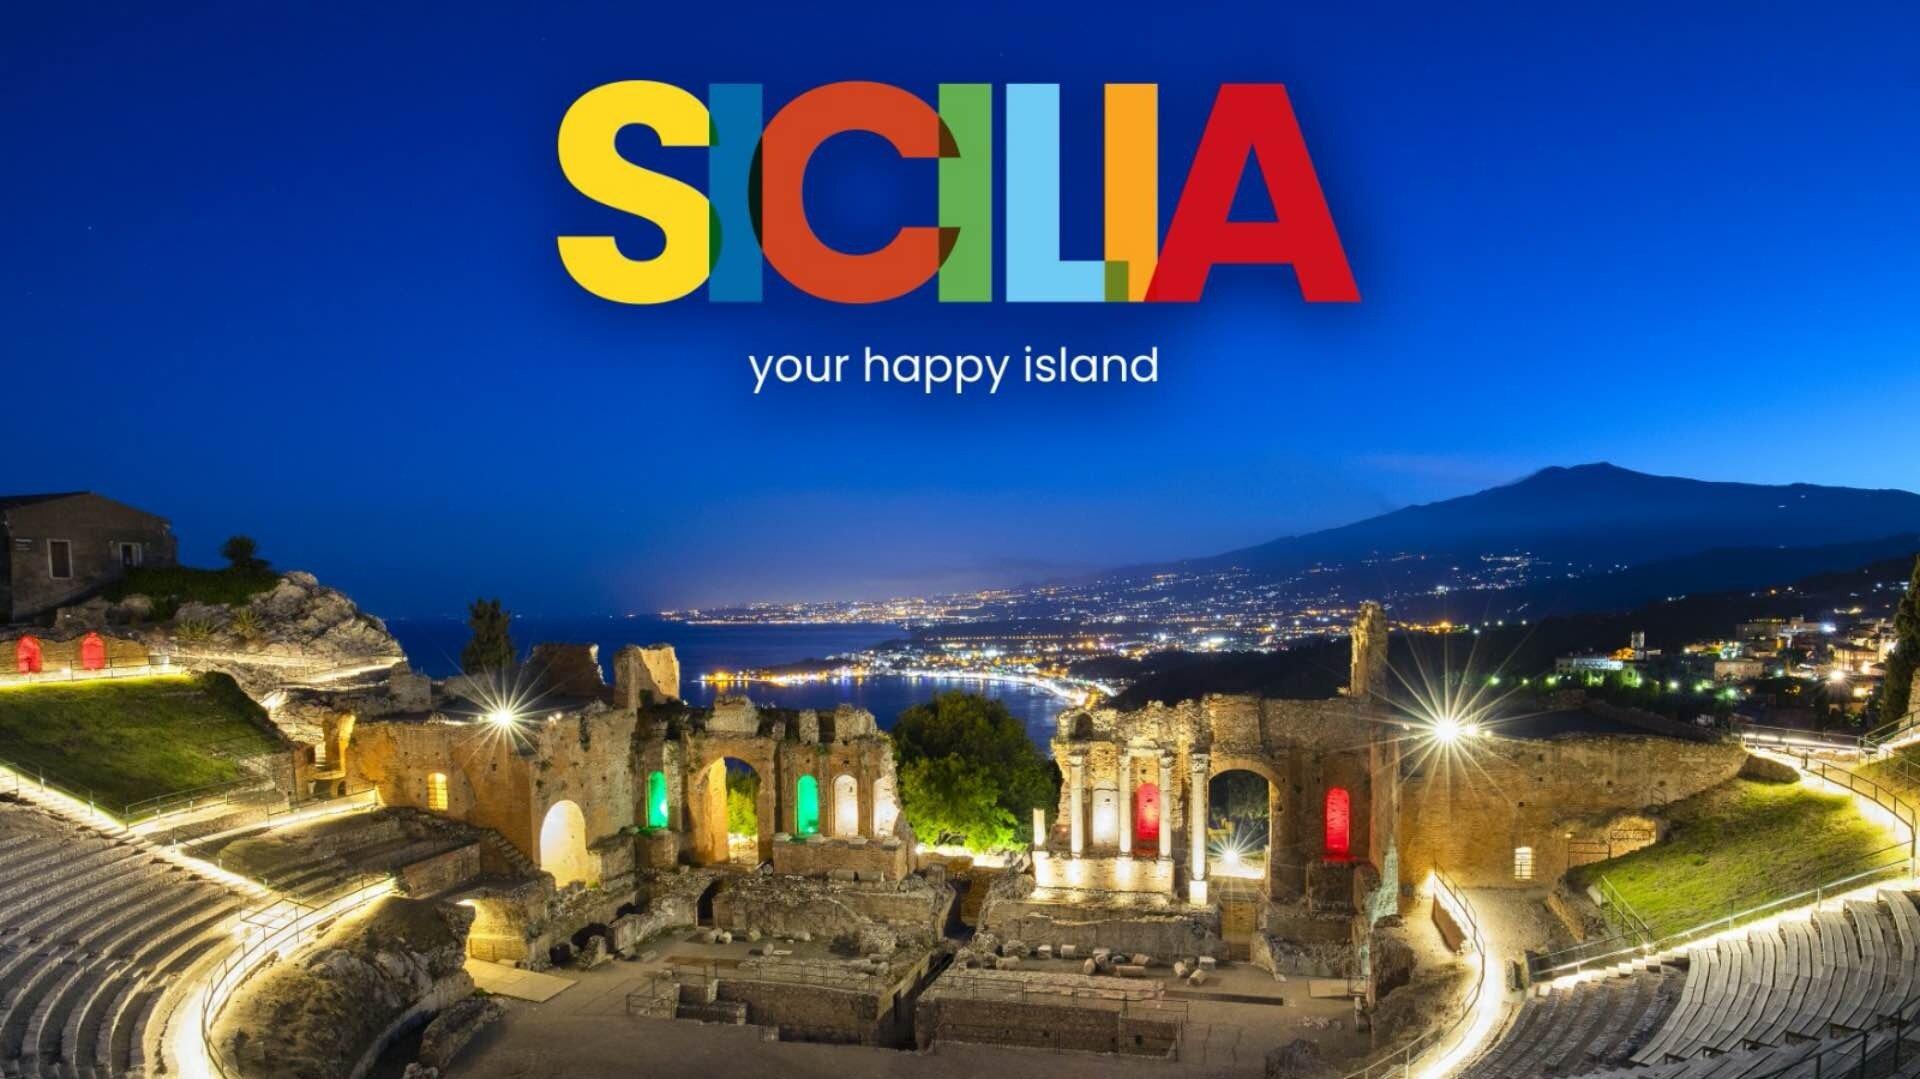 logo-turismo-sicilia-1602150737.jpg